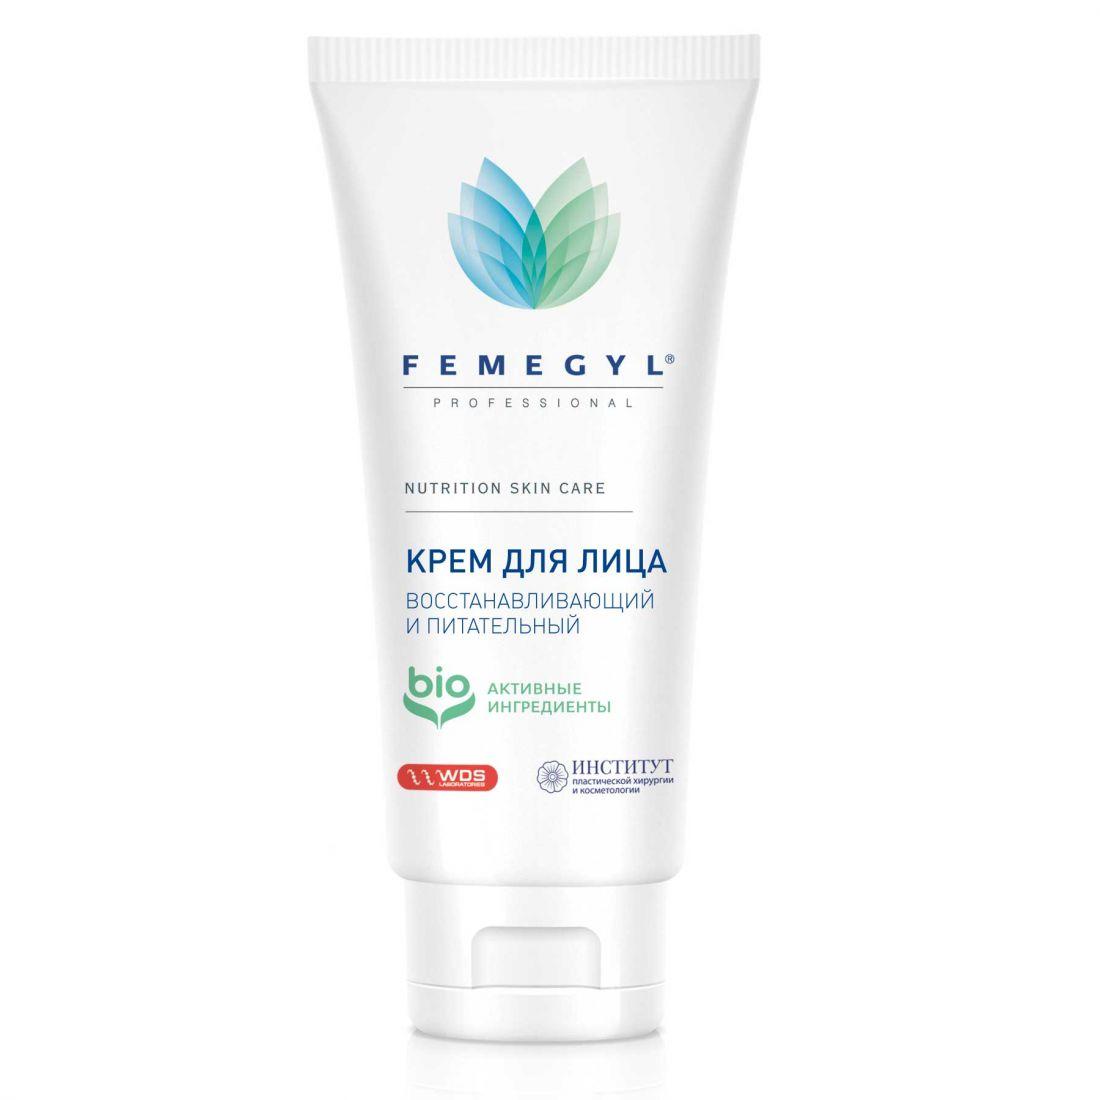 Femegyl Крем для лица Восстанавливающий и Питательный, 30 мл (Фемеджил, Femegyl professional)